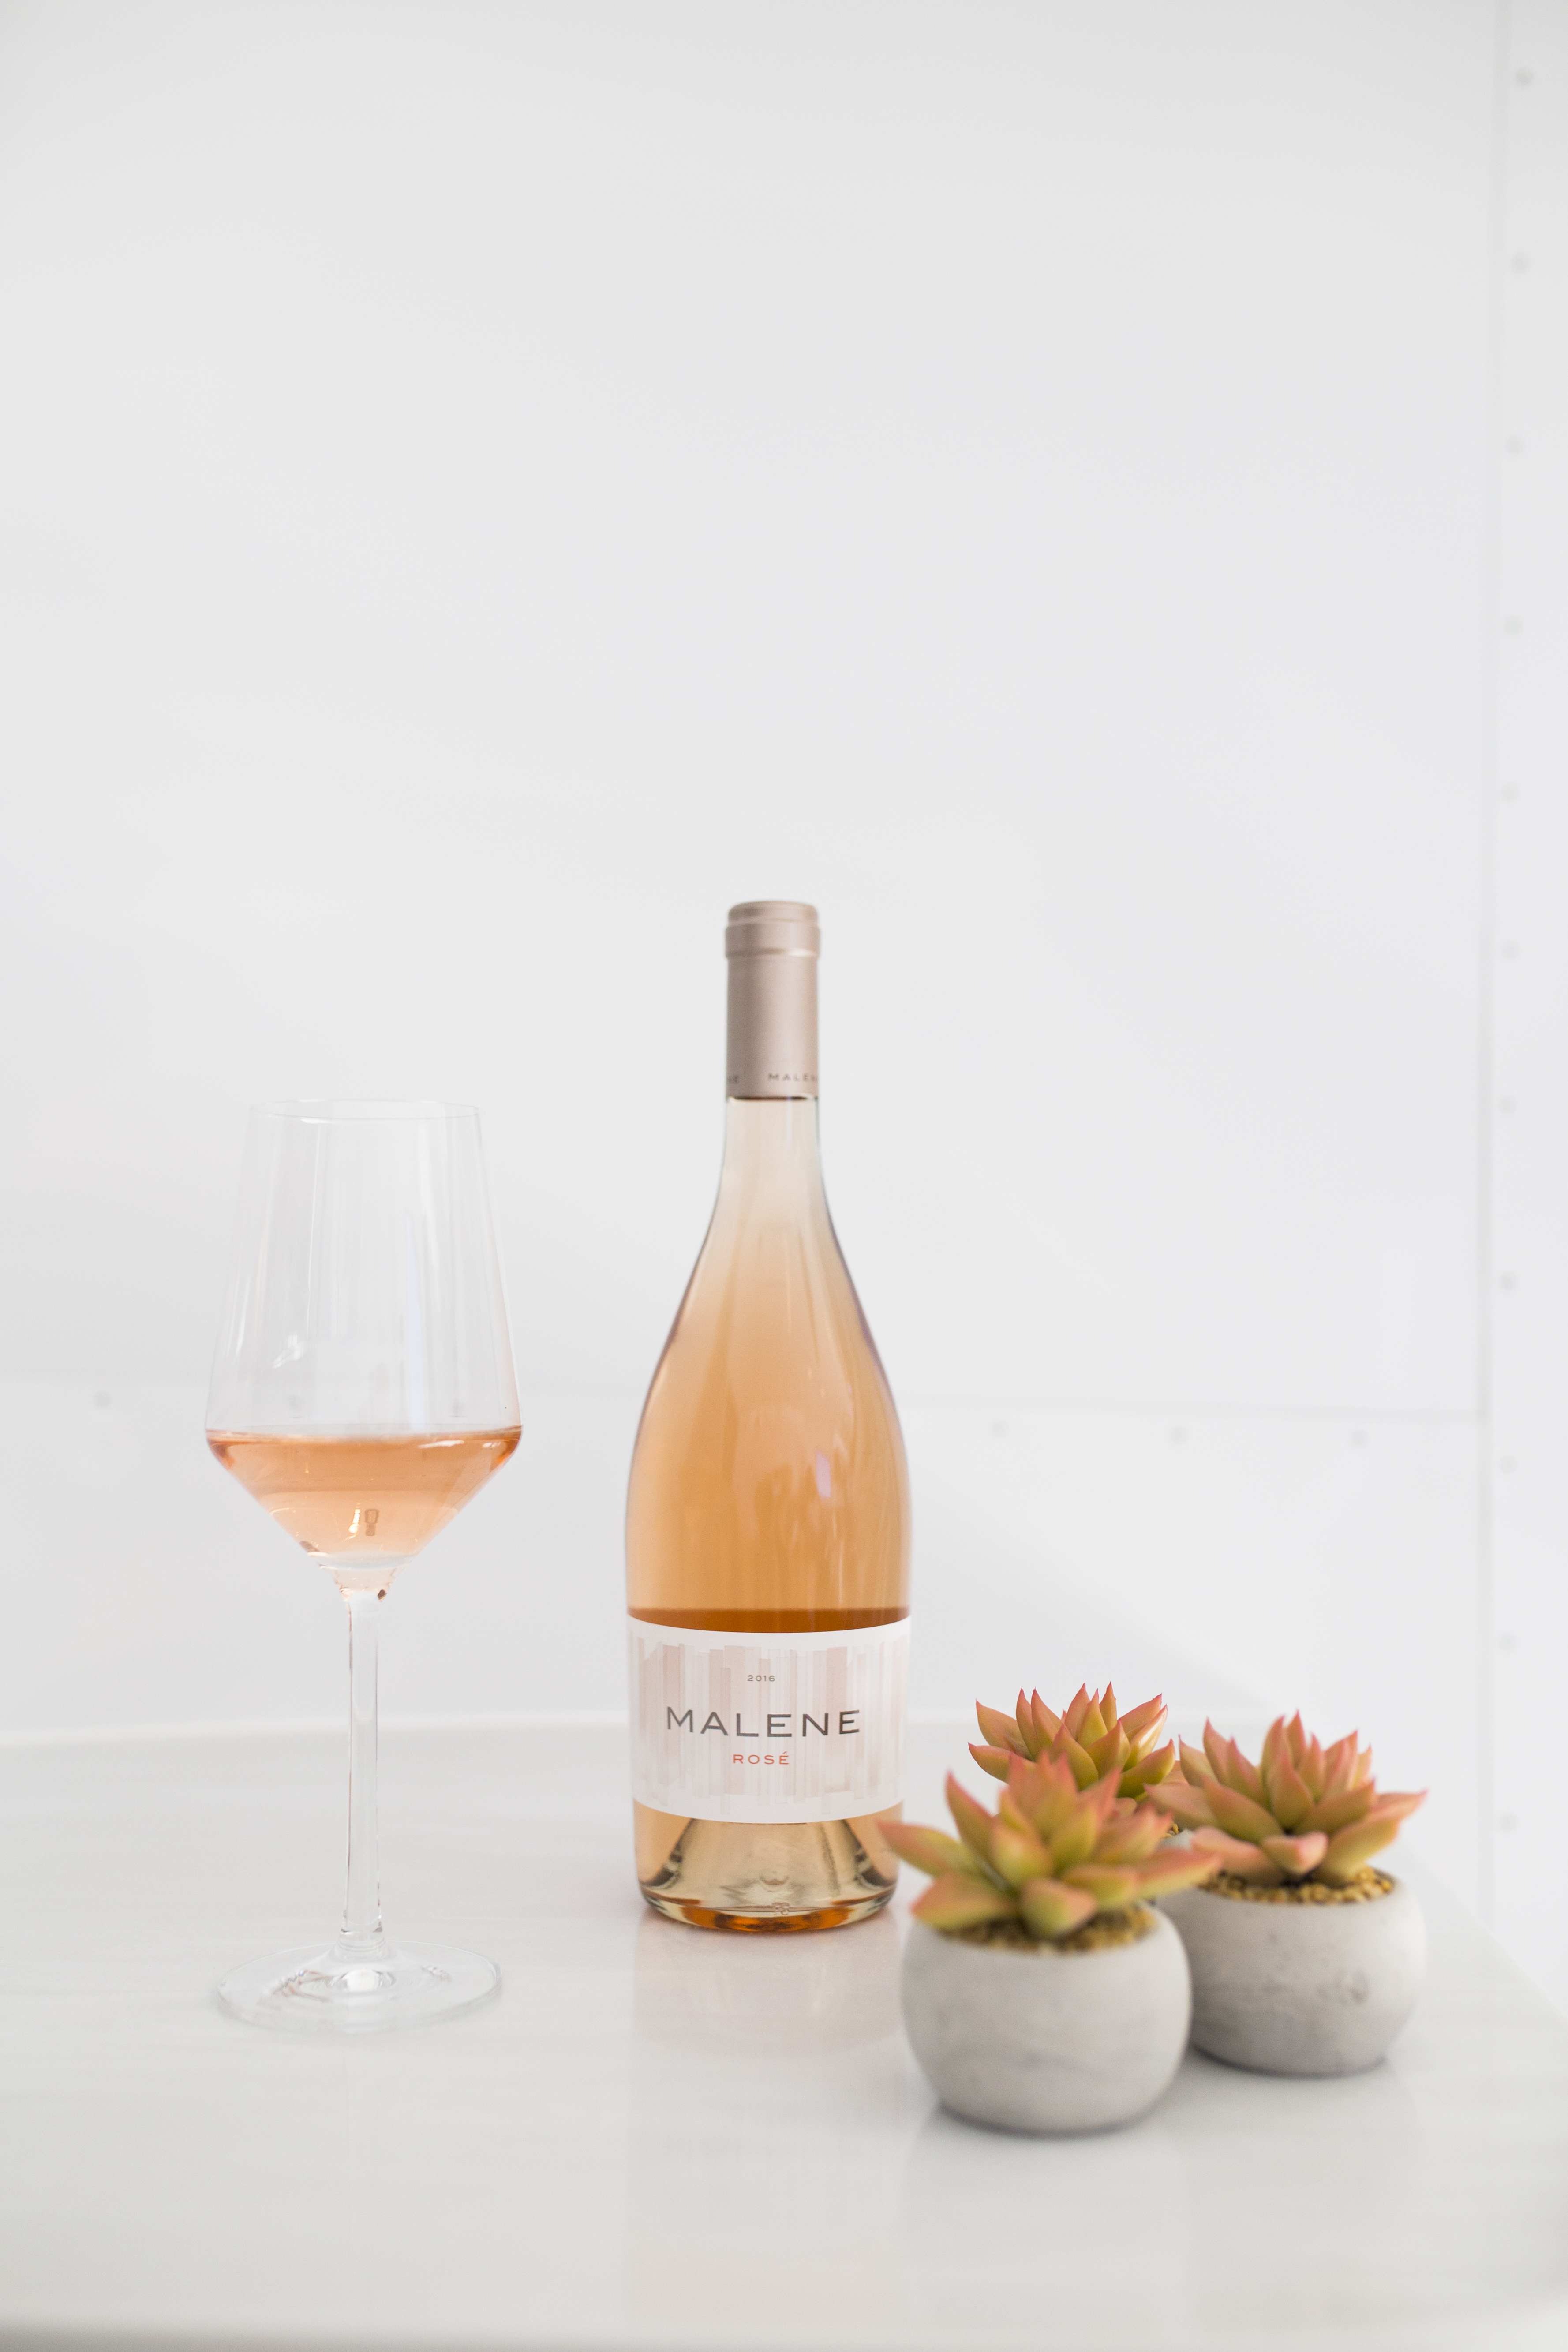 Malene Wine